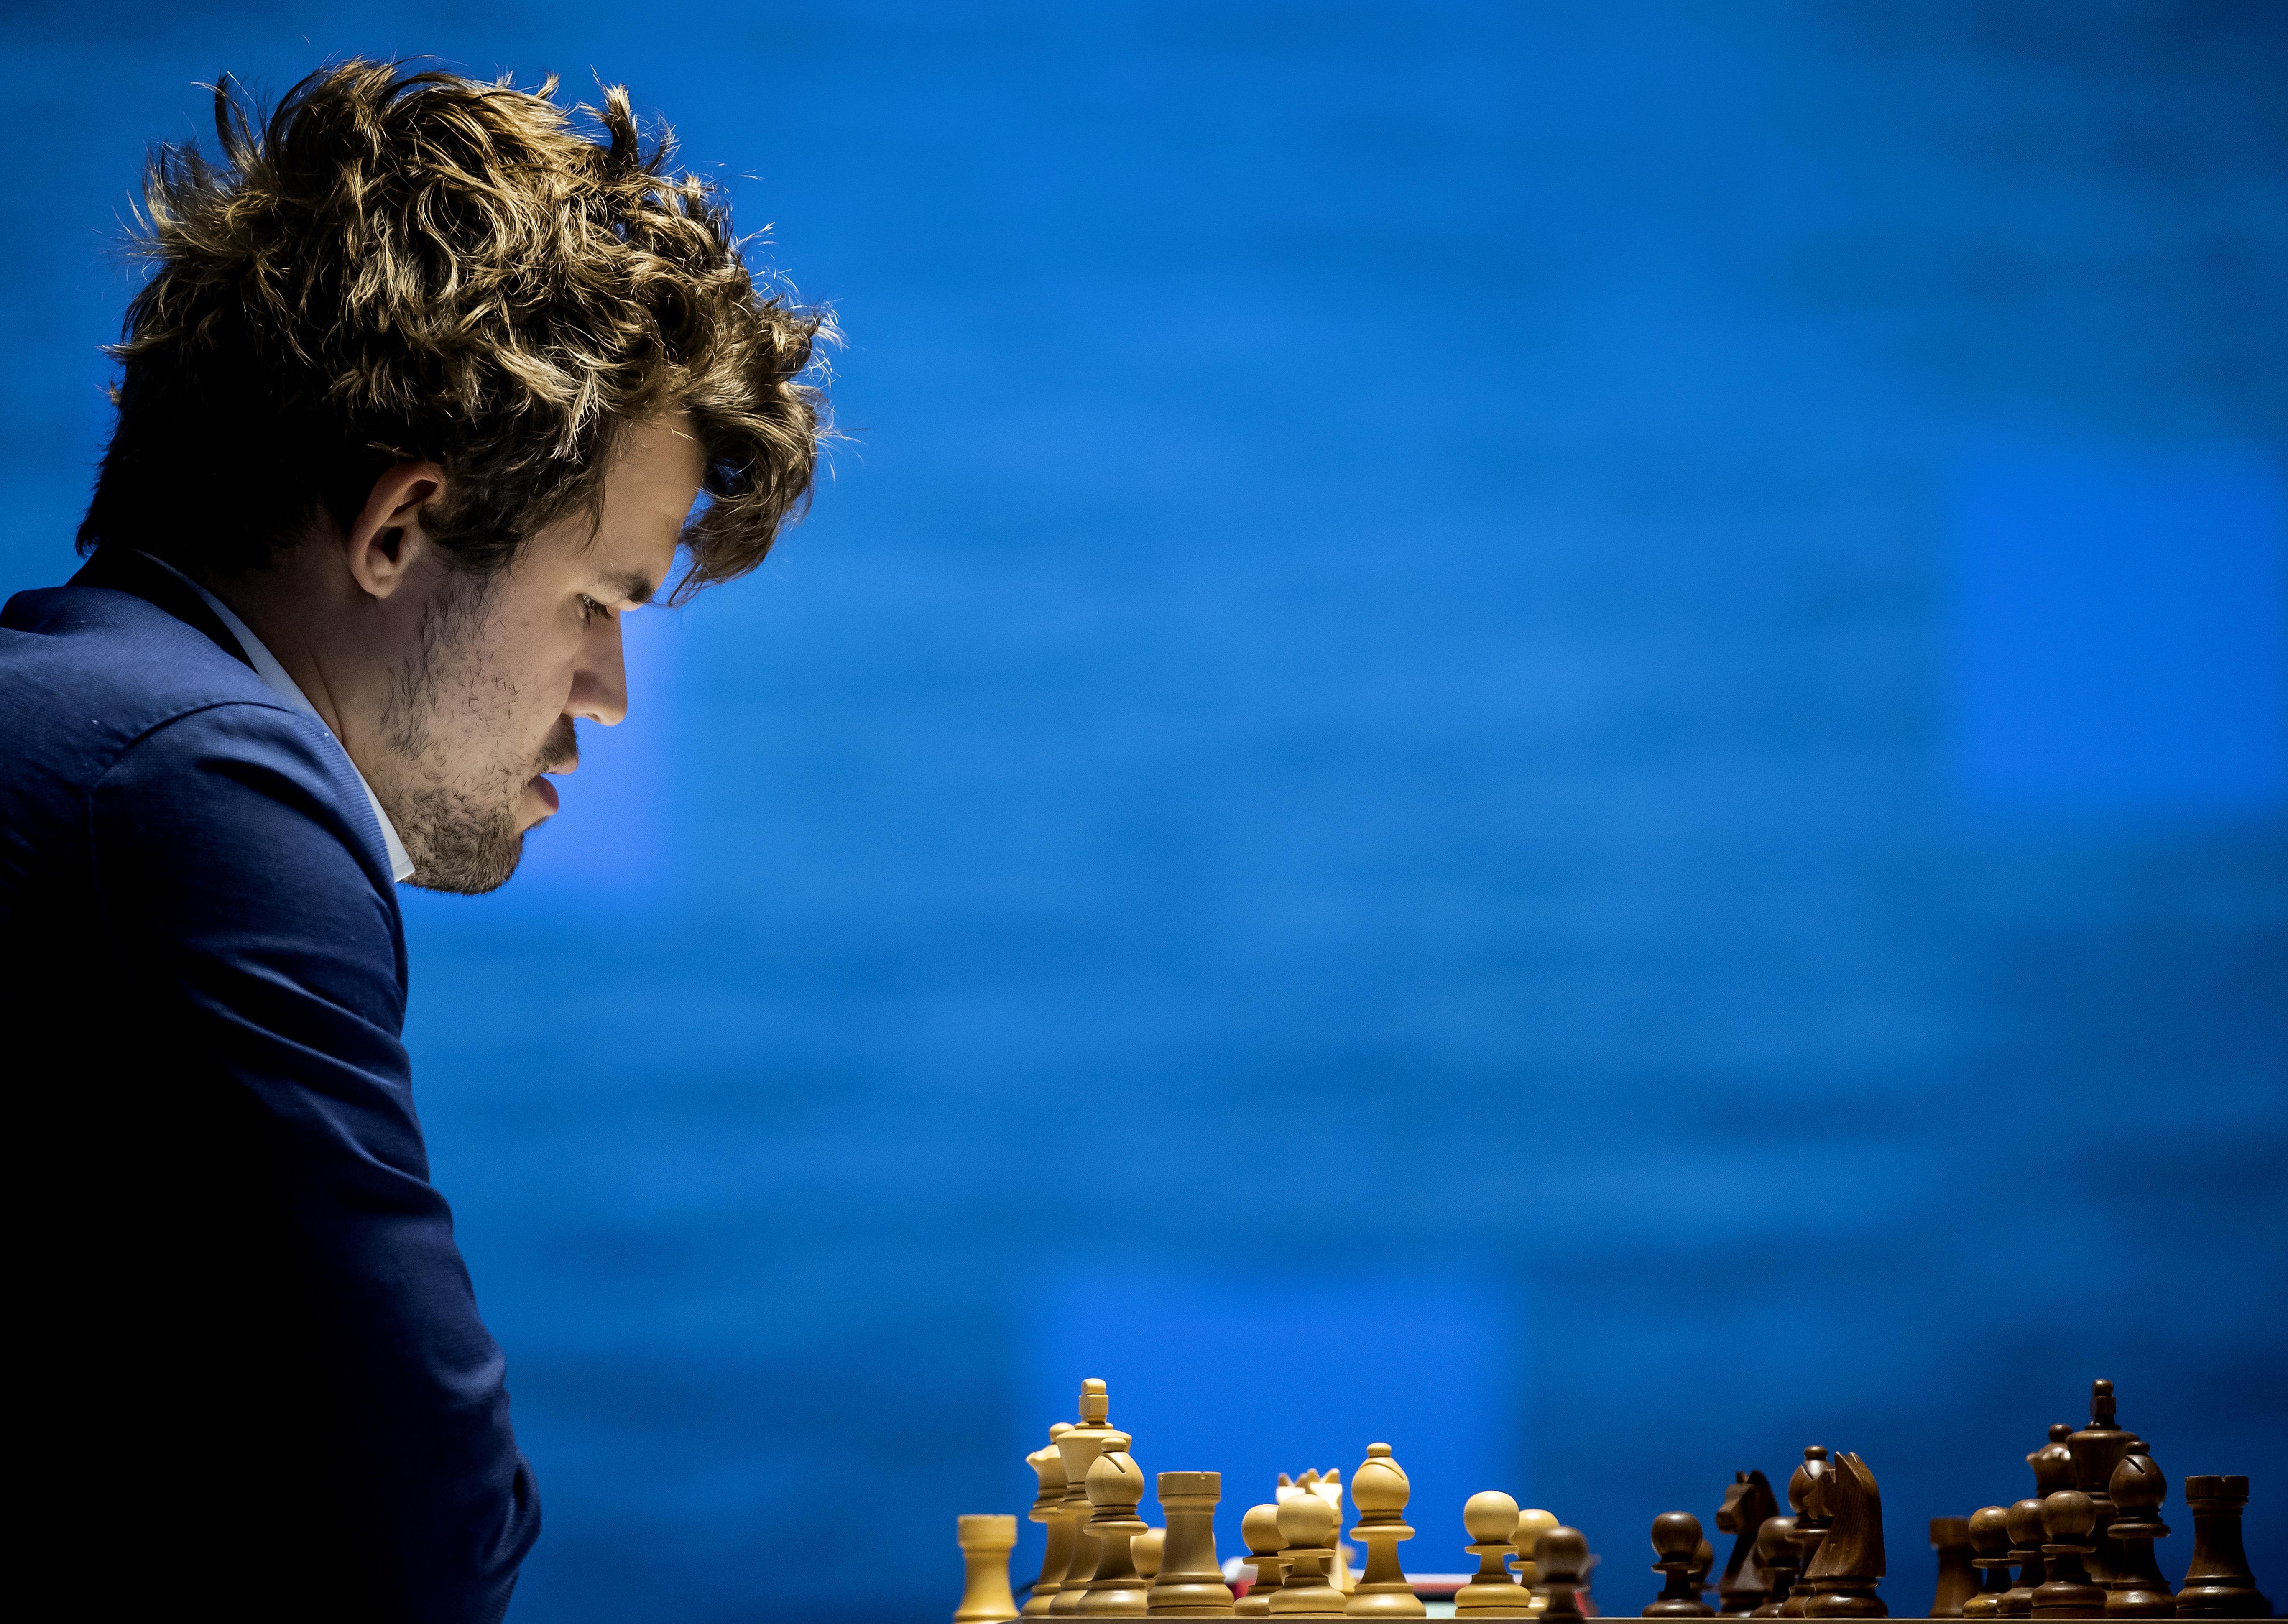 Koning onder de schakers: van verzadiging is bij Magnus Carlsen, wereldkampioen in alle disciplines, geen sprake. 'Iedereen heeft momenten van kwetsbaarheid, maar mijn kracht ligt in het nu'